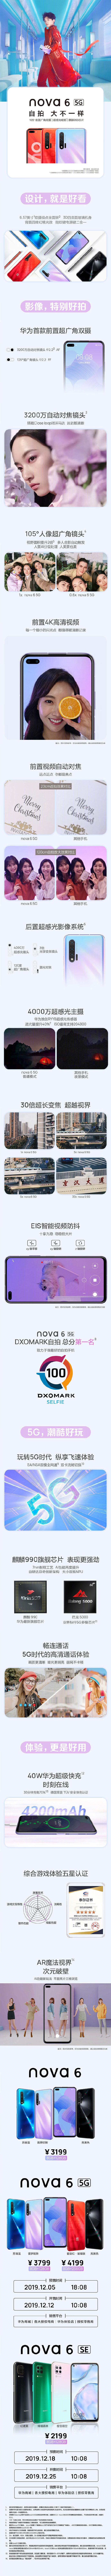 一图看懂华为nova 6 5G手机